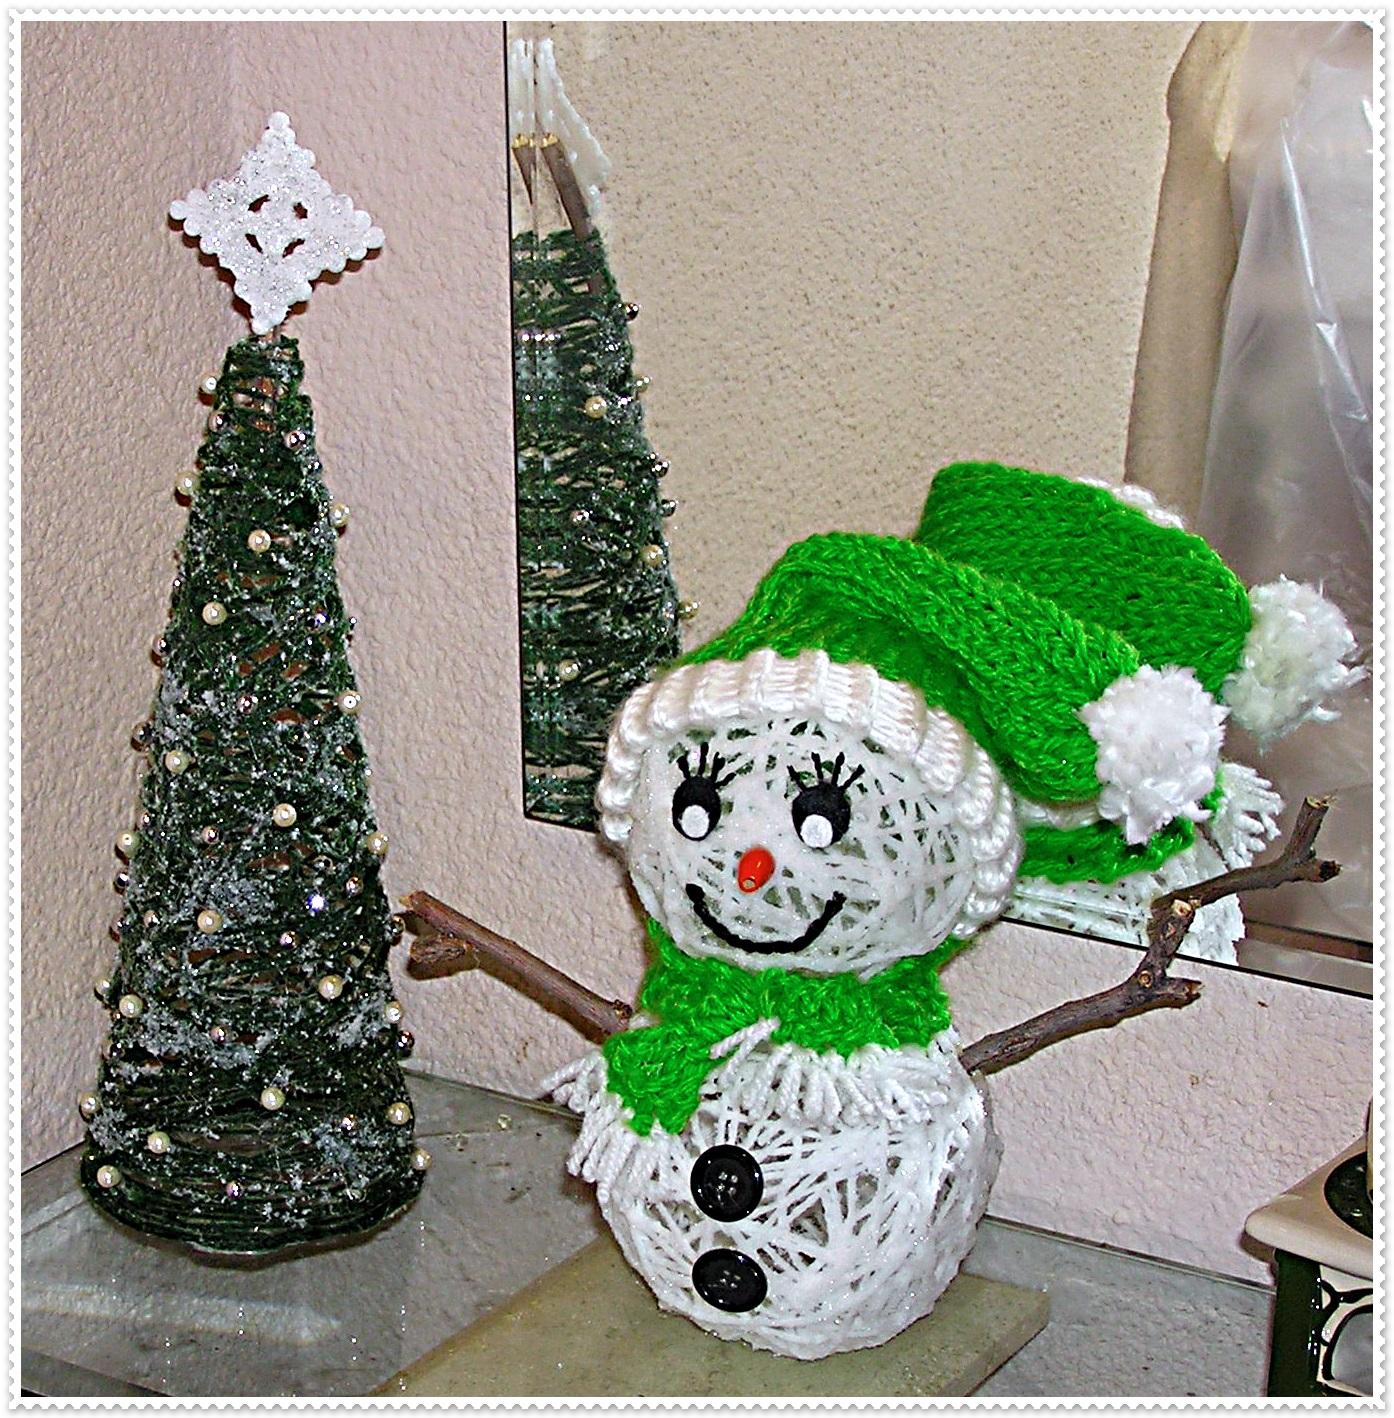 os traigo una manualidad para hacer adornos de navidad con lana y cola blanca son fciles de hacer econmicos - Como Hacer Adornos De Navidad